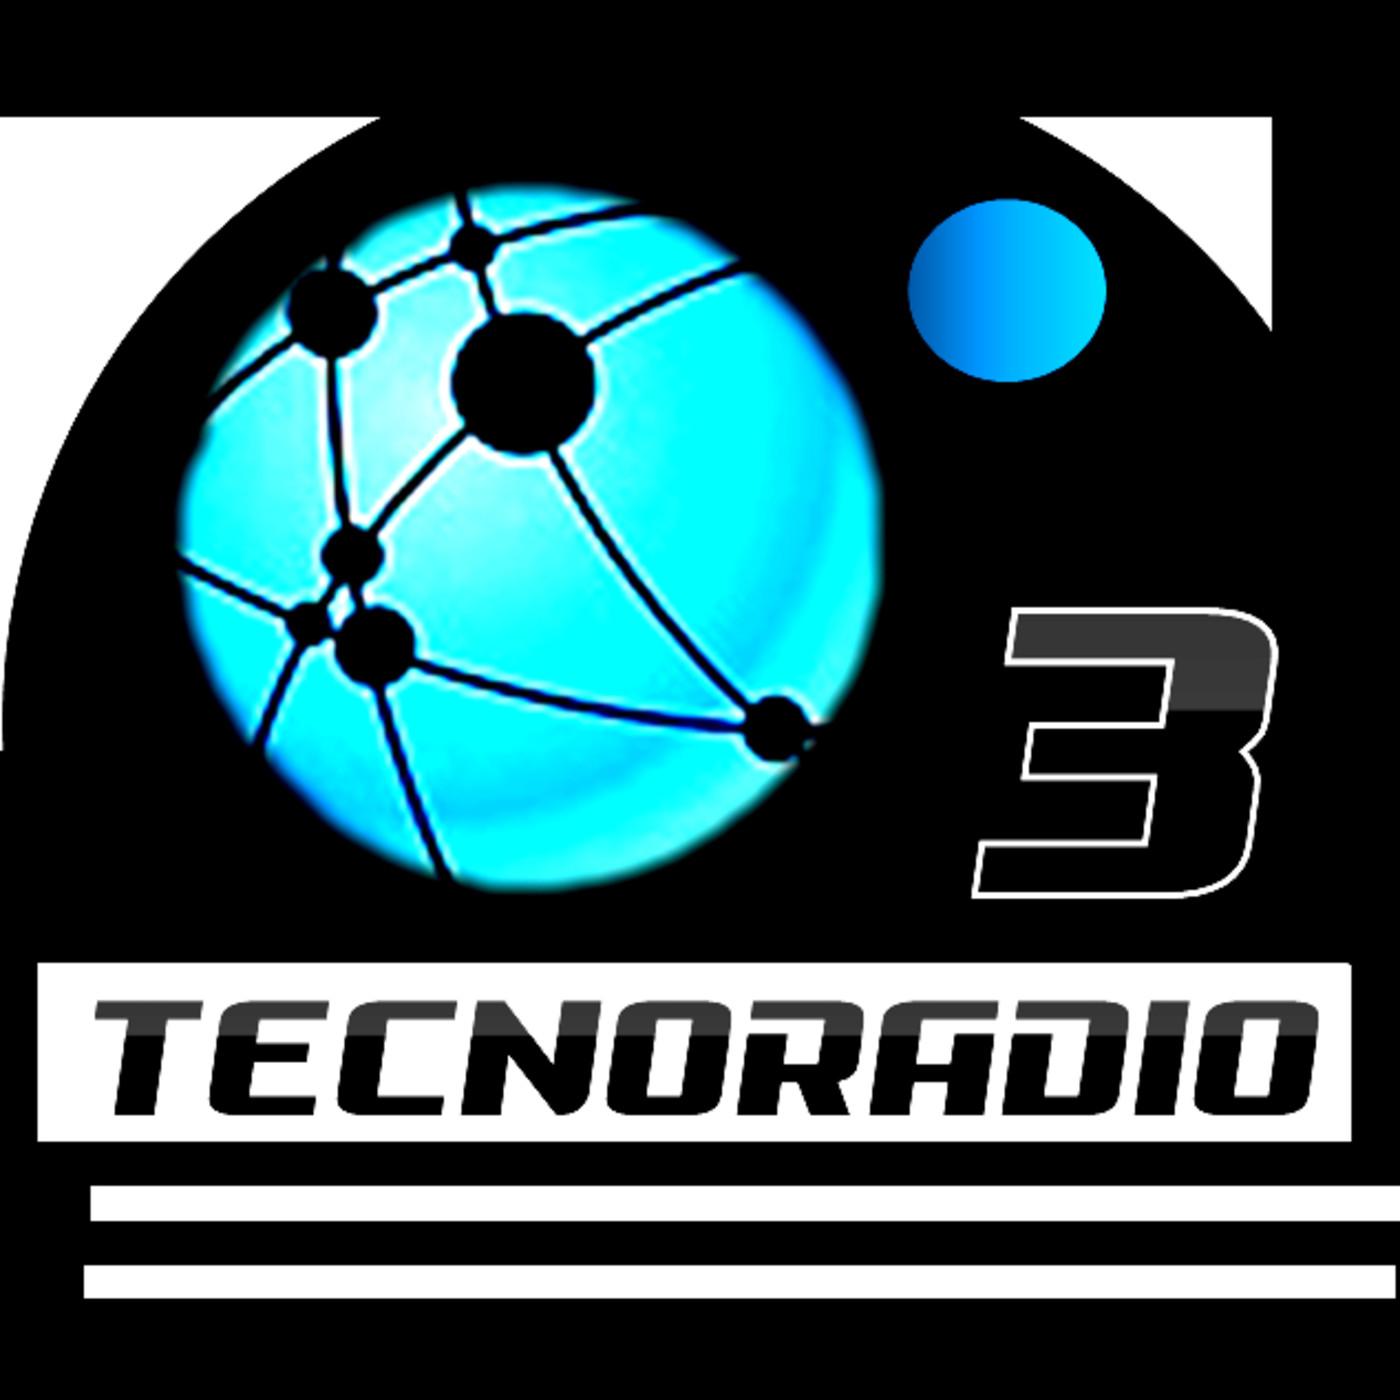 TECNOradio 3 - Semana 9